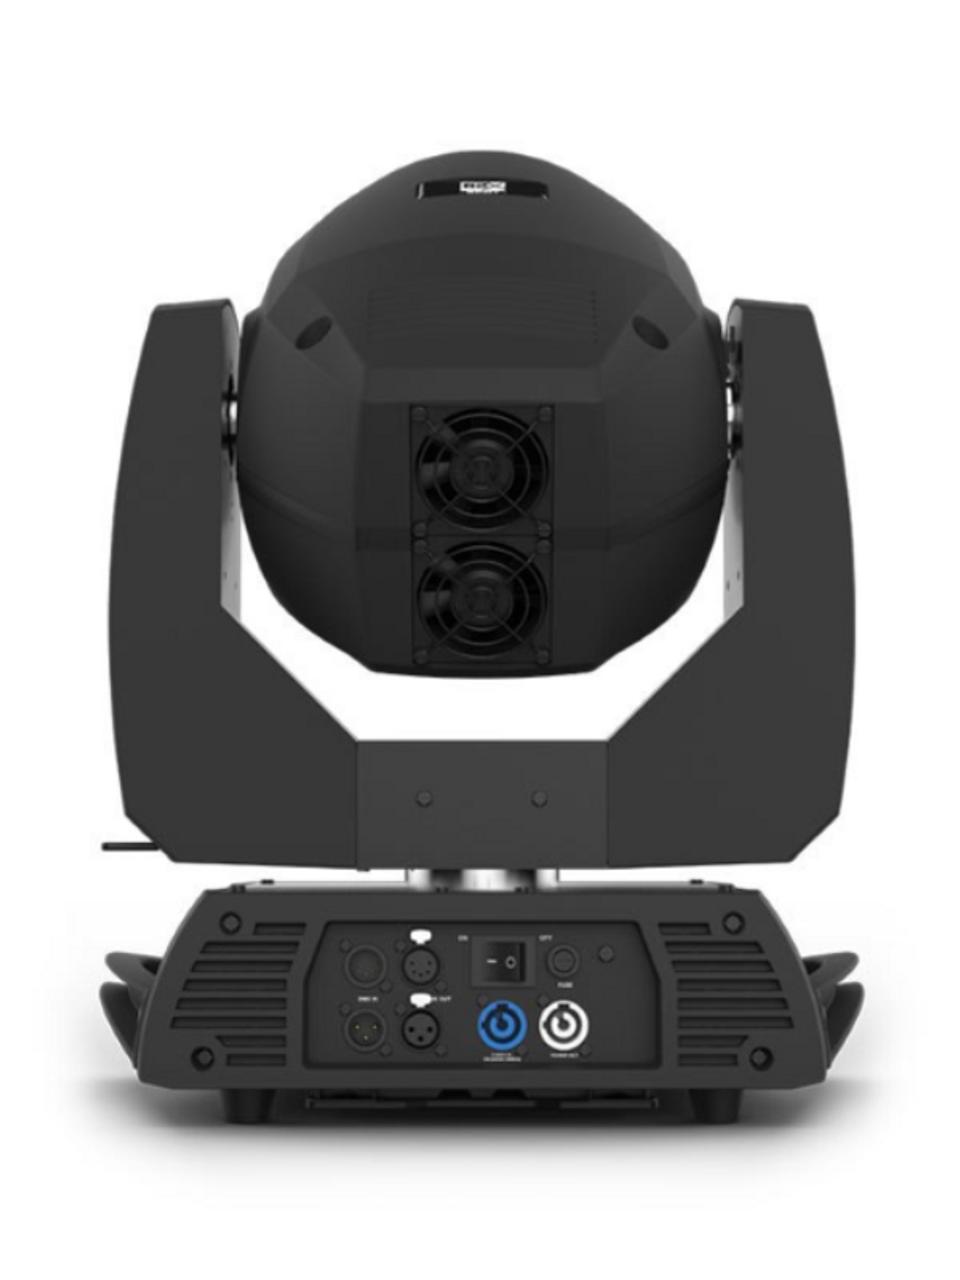 Chauvet Pro Rogue R2X Spot